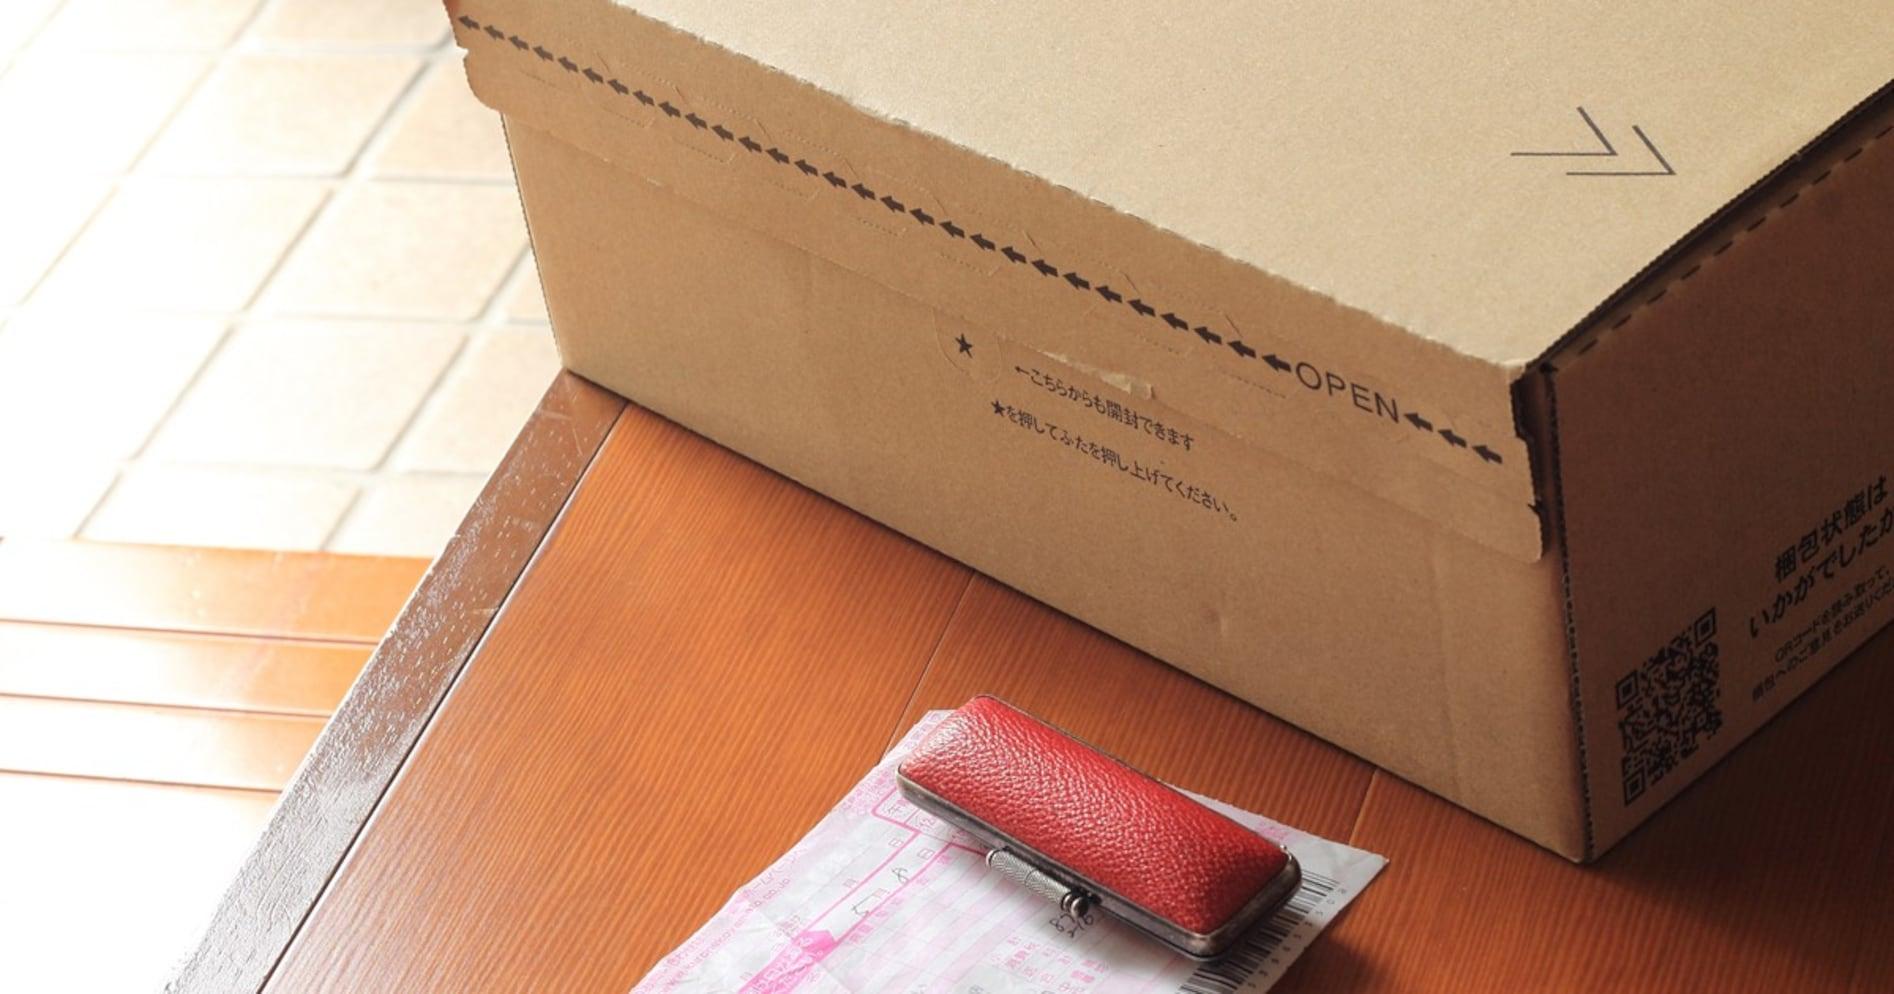 ヤマト、Amazonの当日配送サービス解約 消費者への影響は?